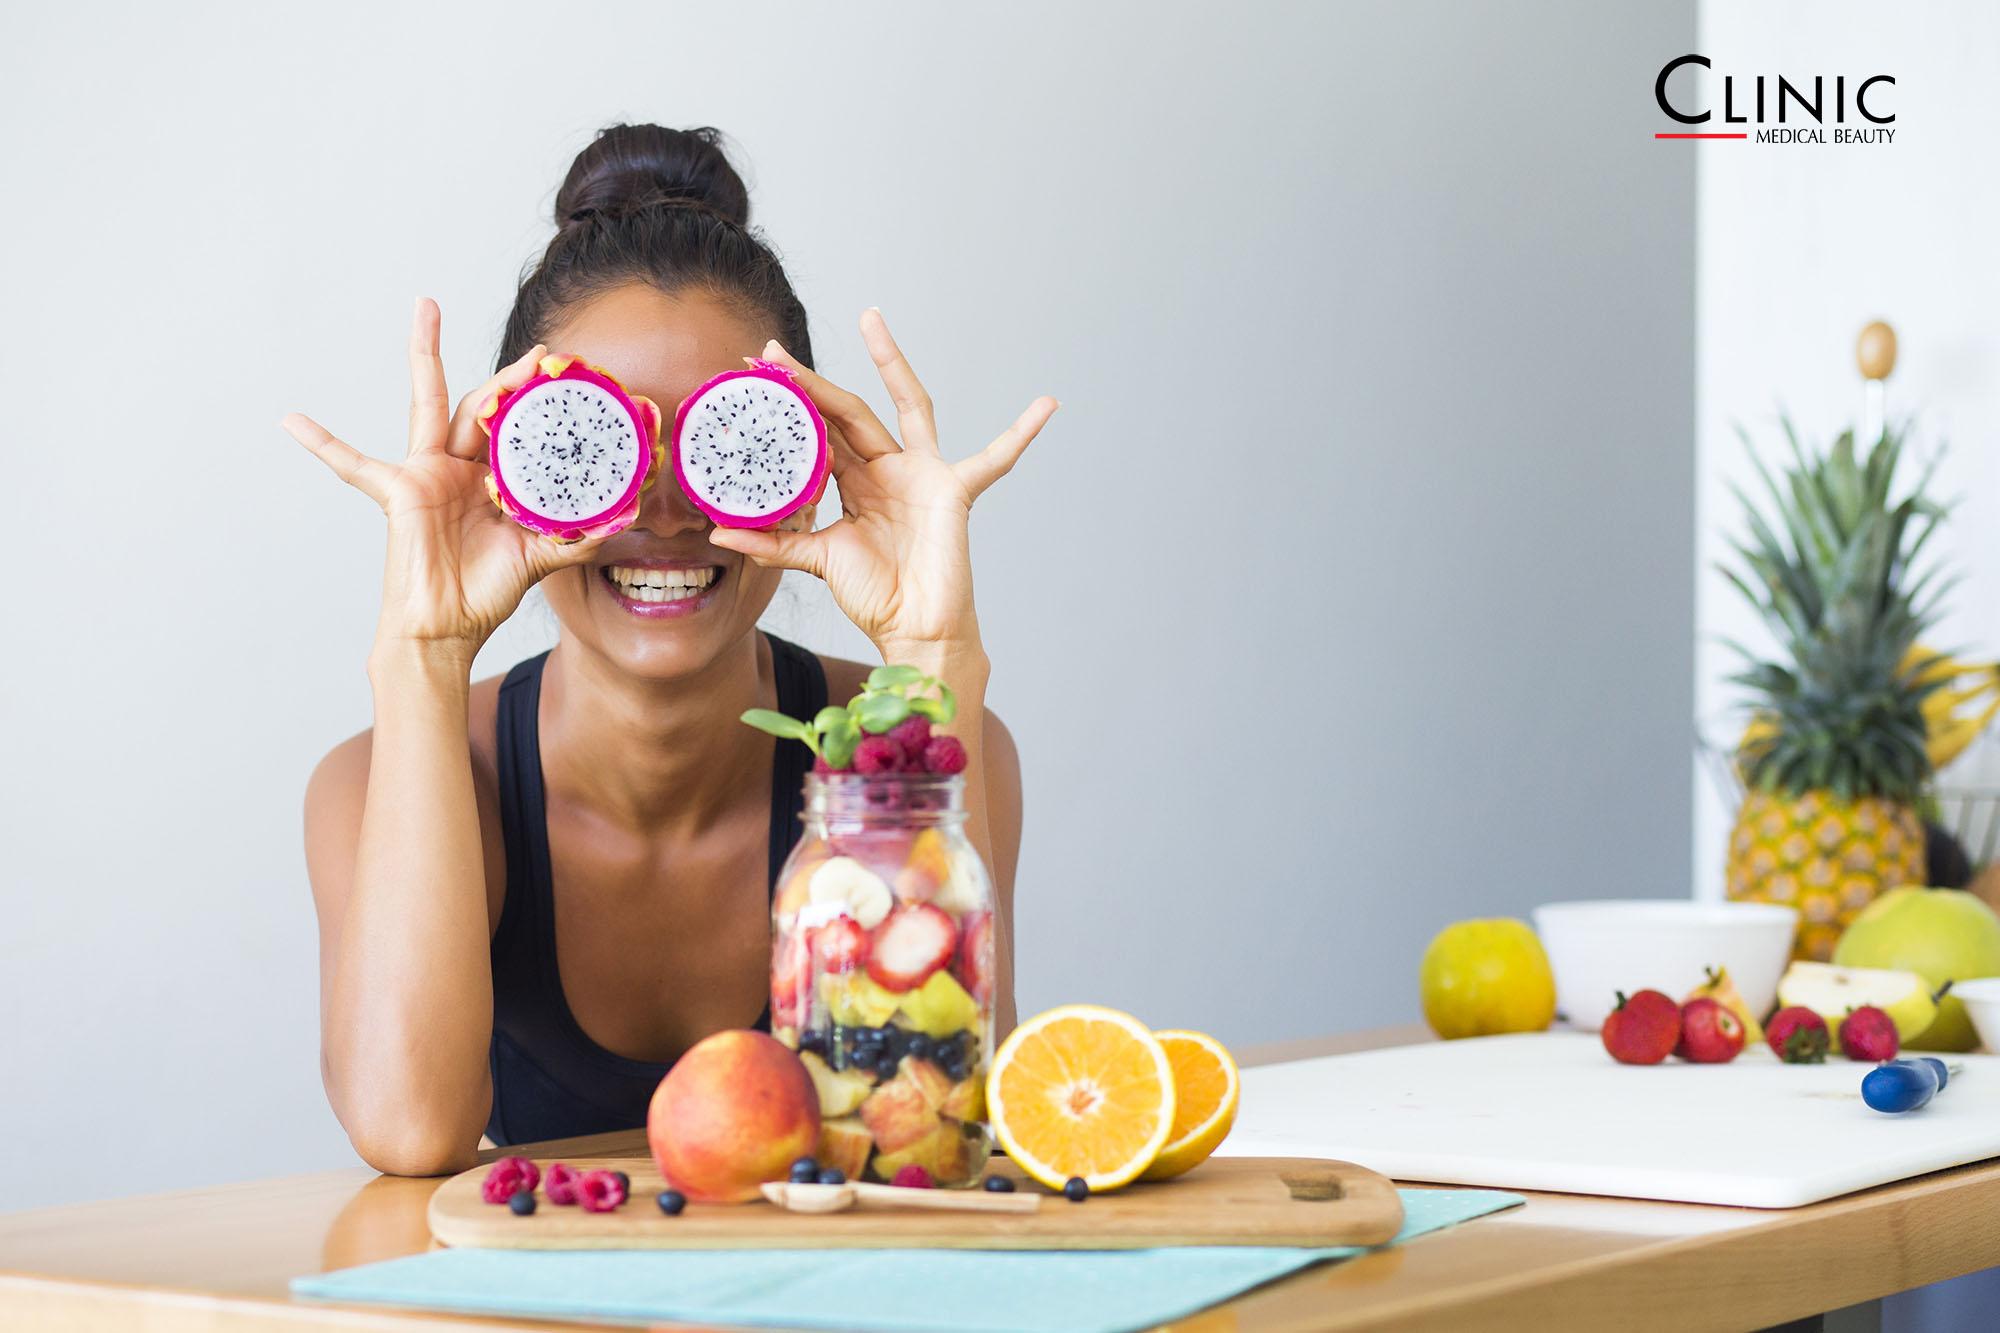 Alimentazione dopo intervento estetico: tutto quello che devi sapere